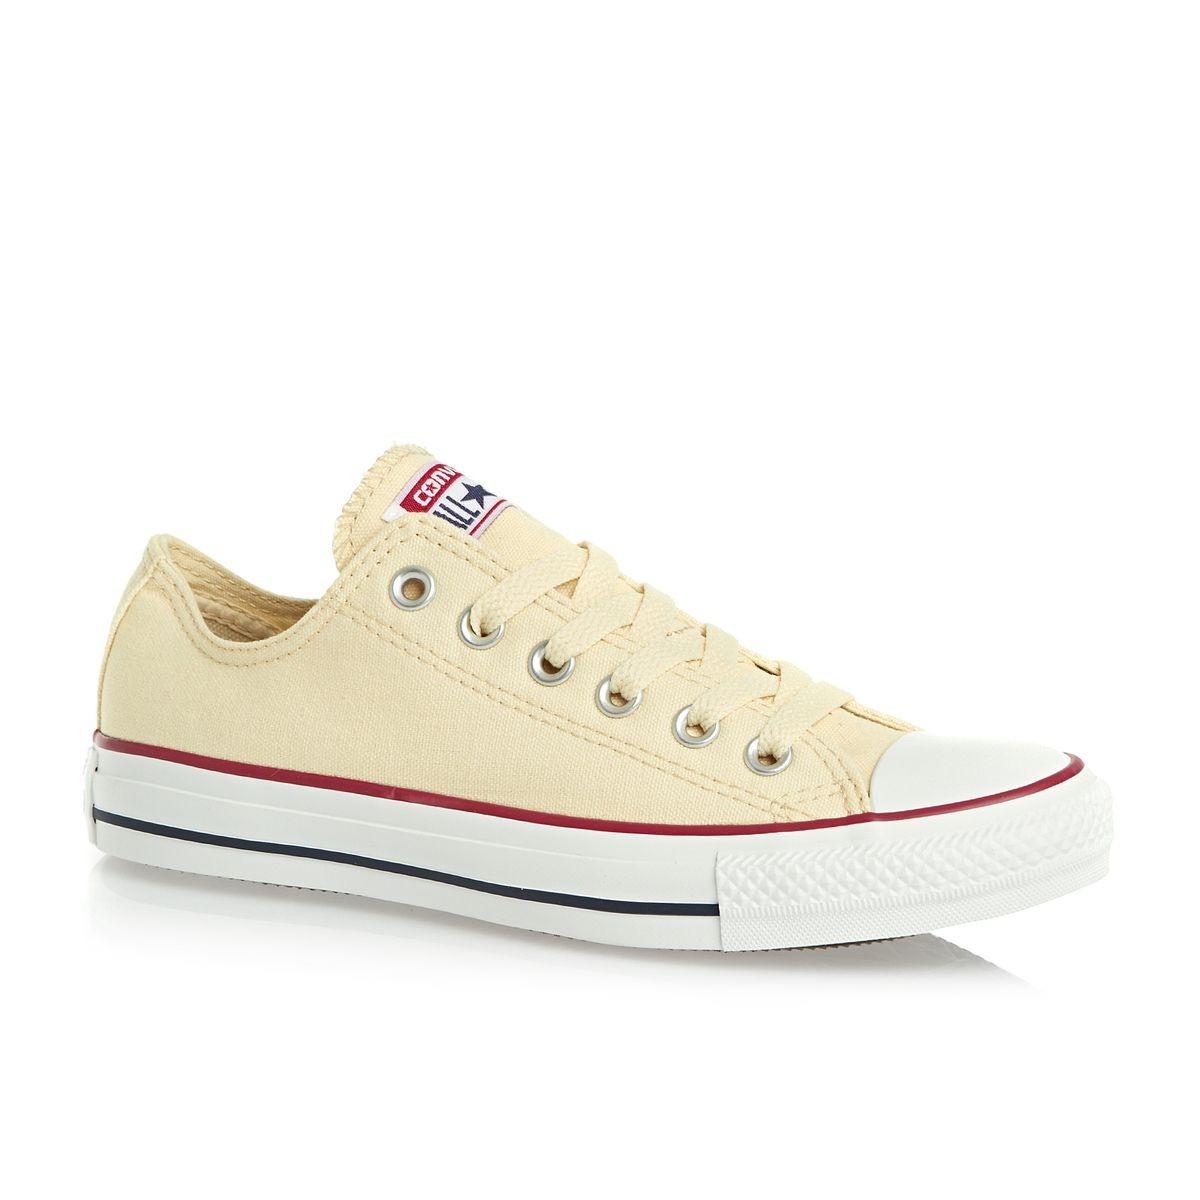 Converse Zapatos Color Tenis All Star Beige Zapatillas 615qUwZ